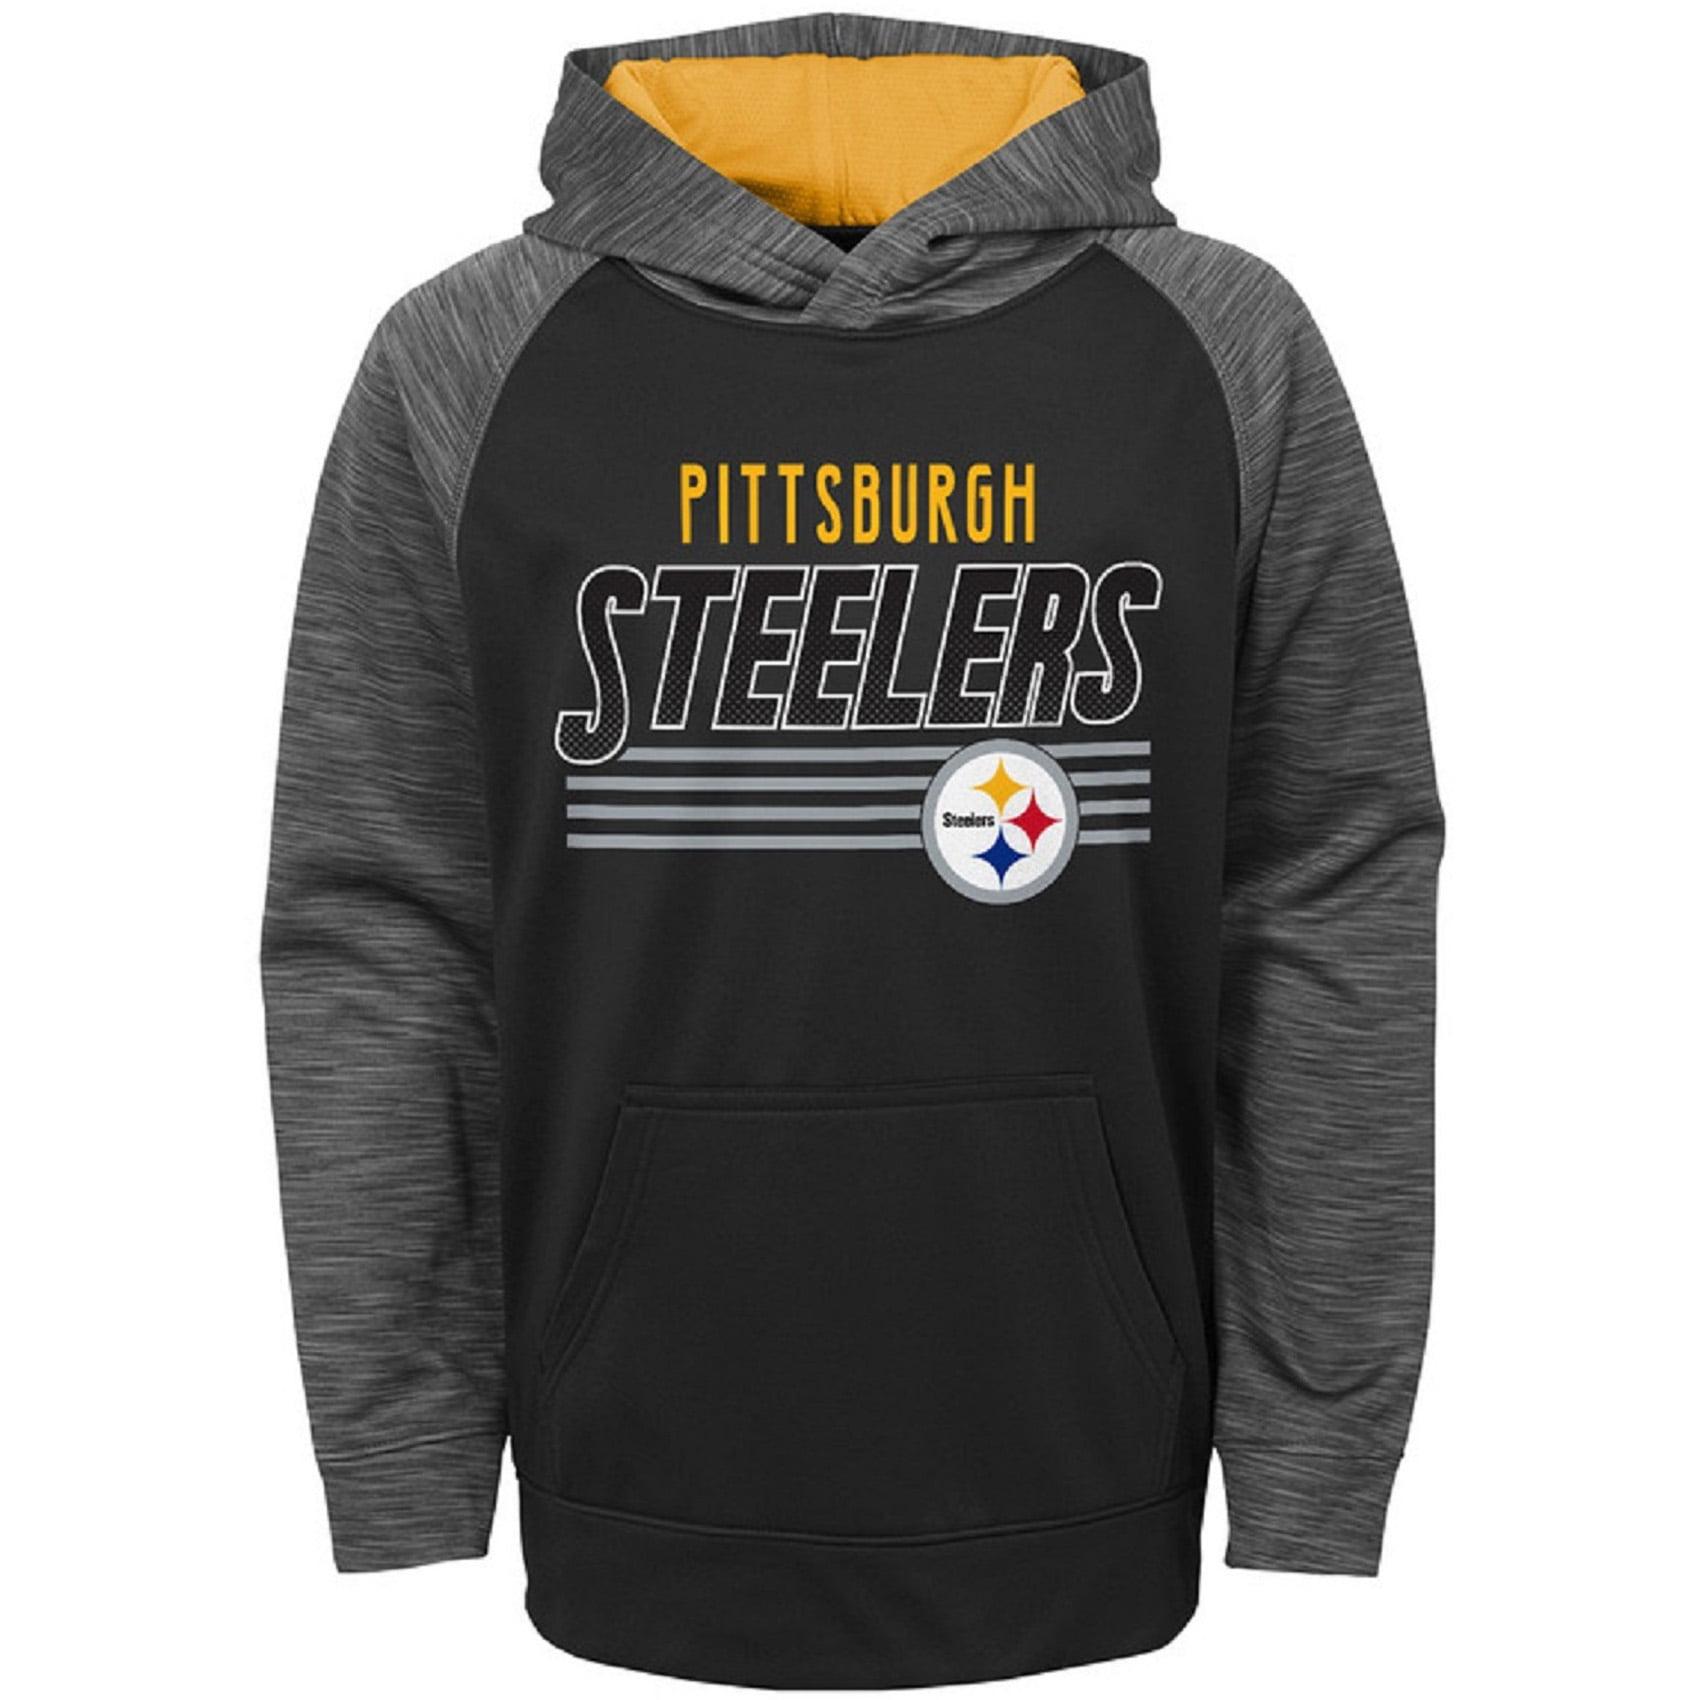 Toddler Black Pittsburgh Steelers Fleece Hoodie